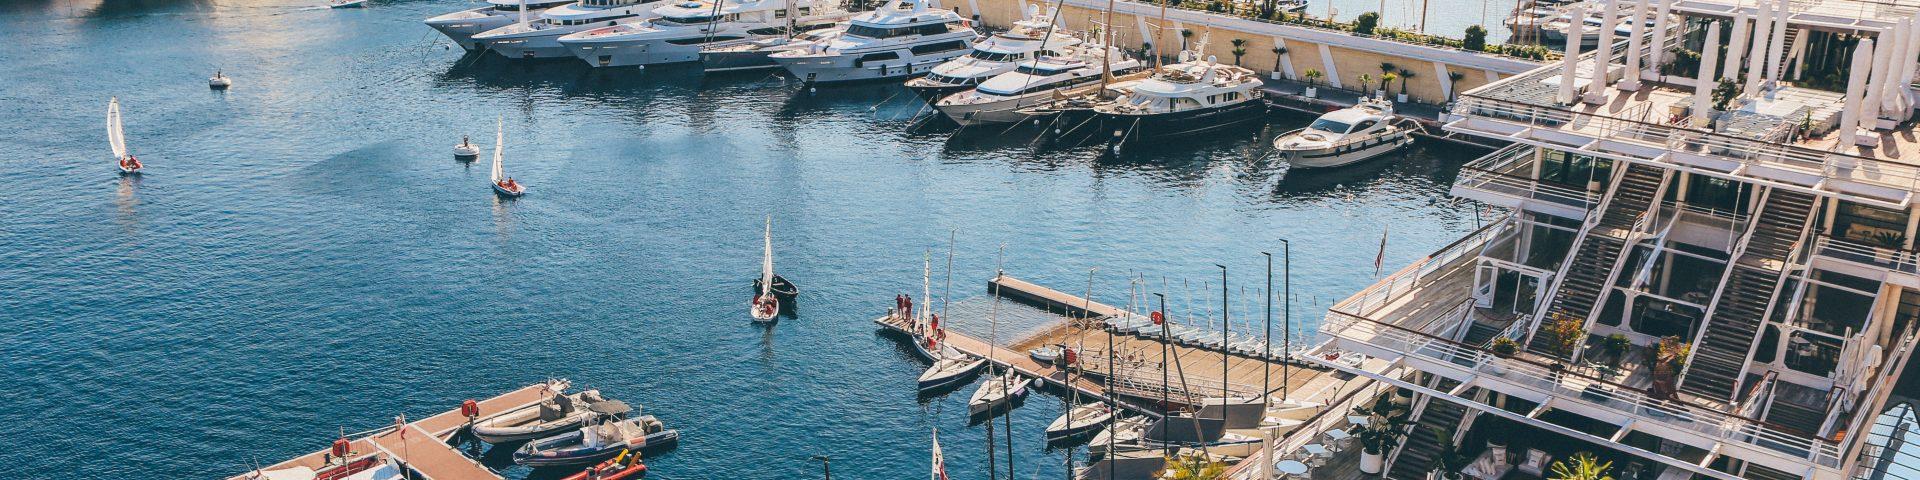 Upplev soliga Monaco 1